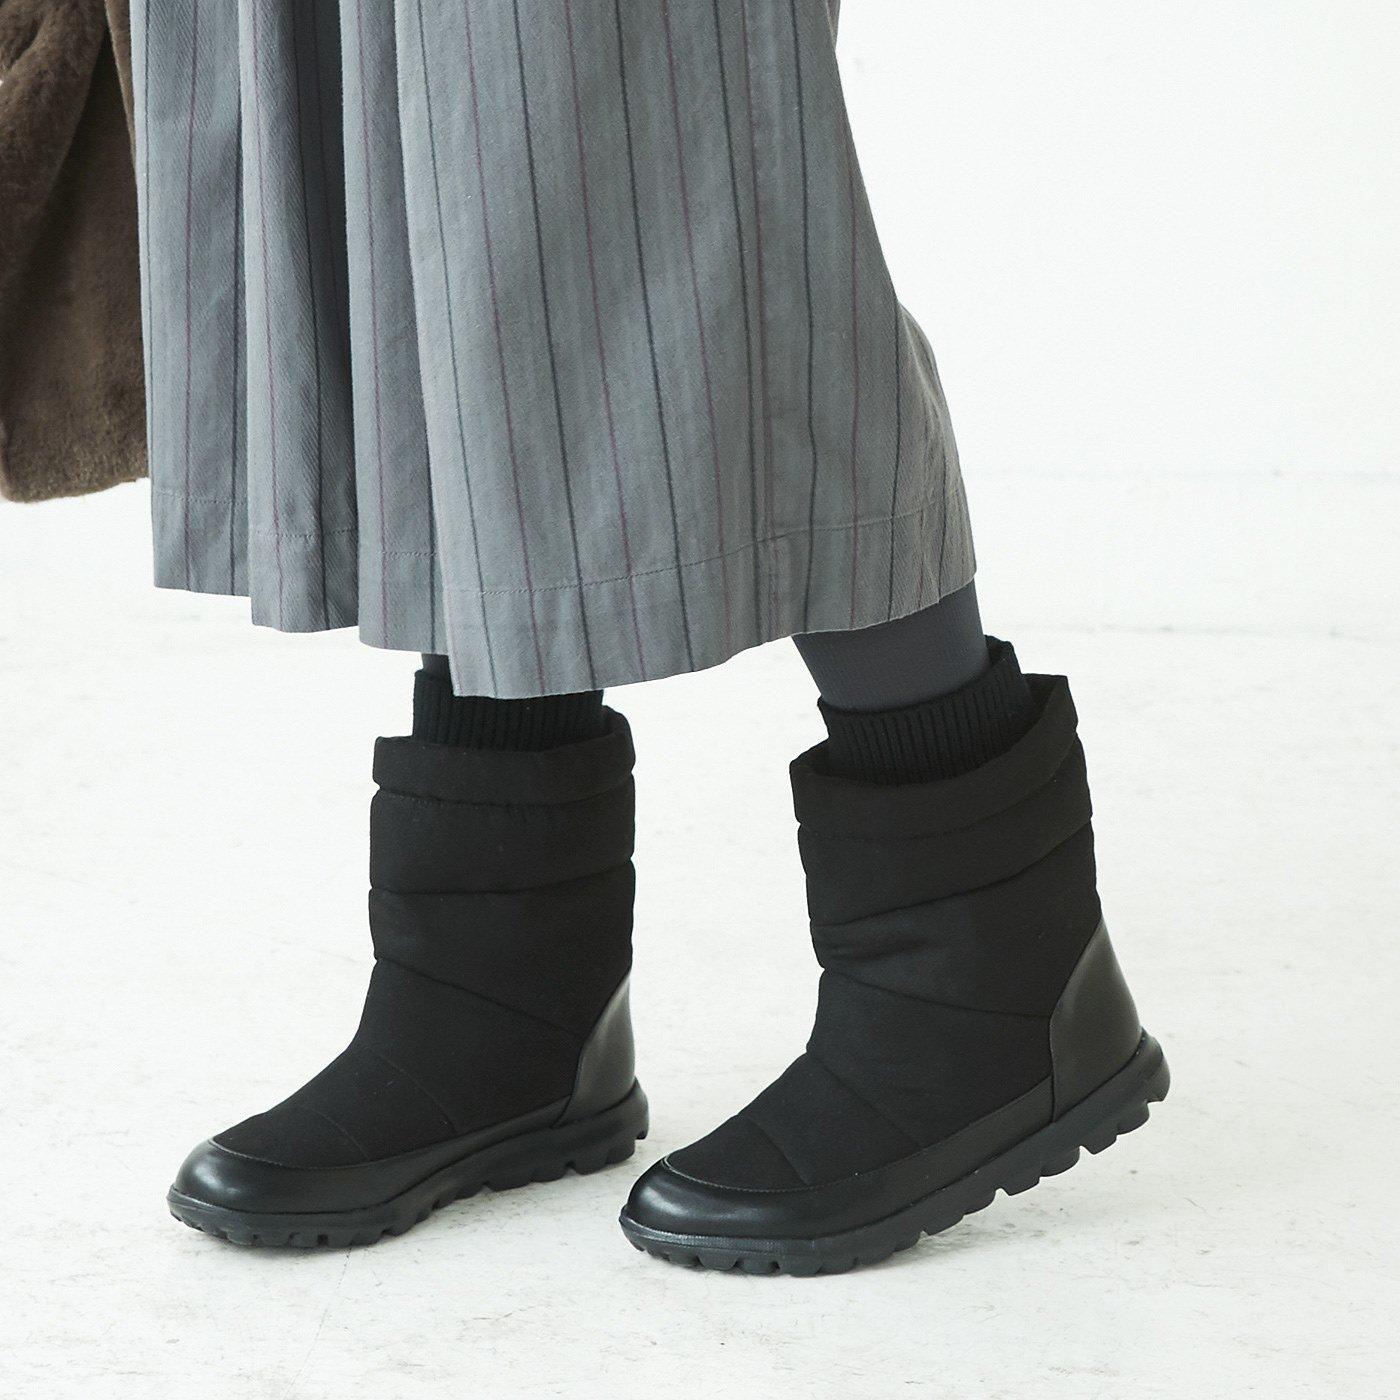 ファーとキルトがダブルで暖か 軽量やわらかスニーカーブーツ〈ブラック〉